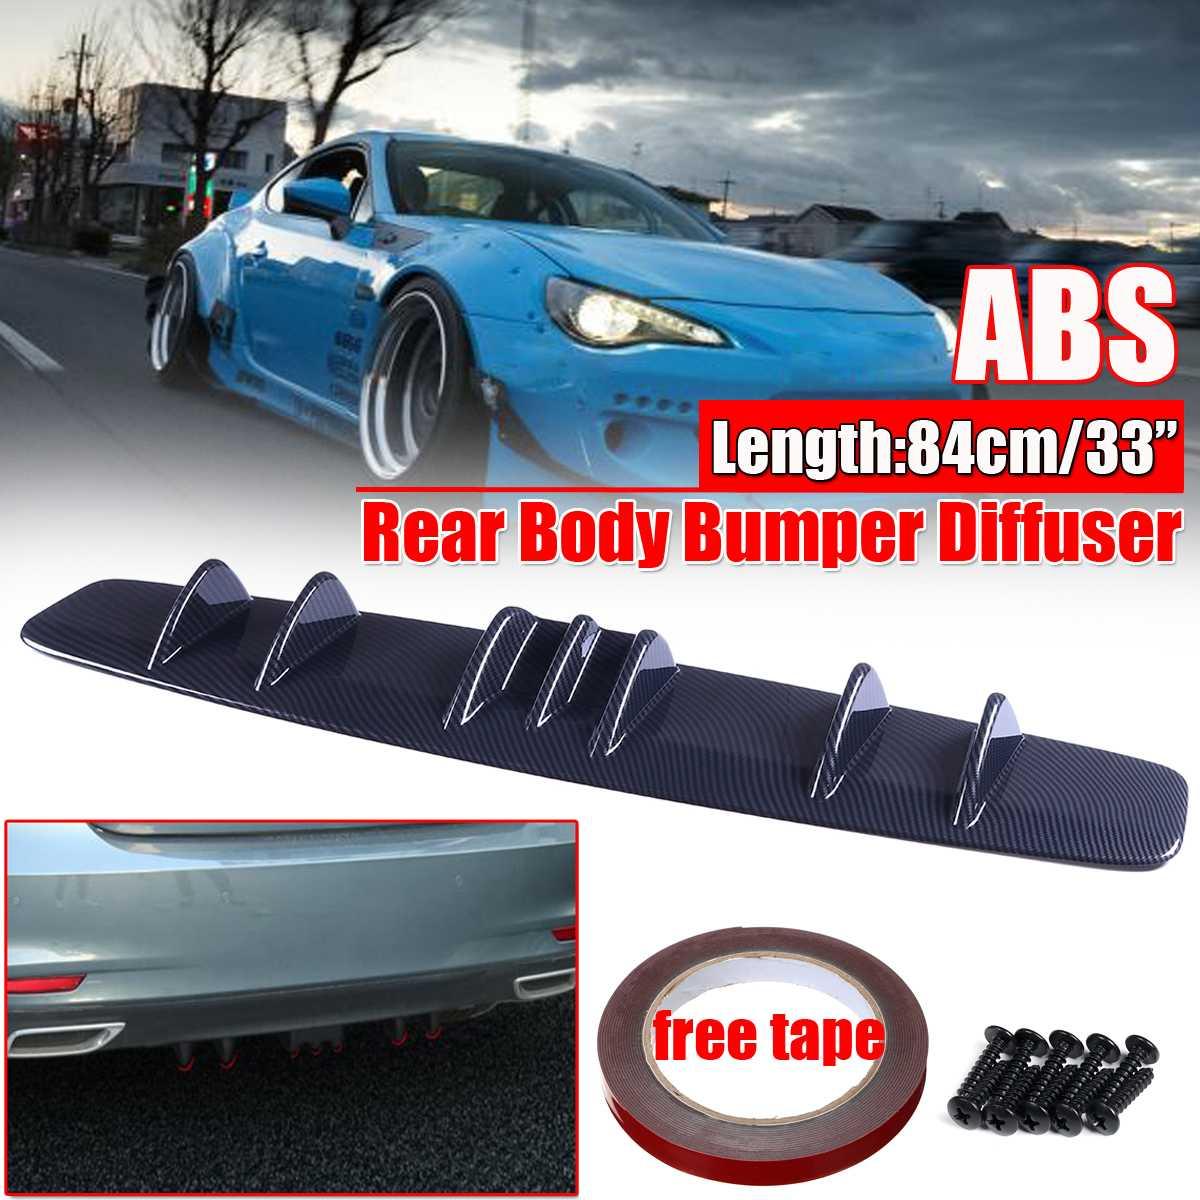 Difusor de labio Universal para parachoques trasero de coche, divisor de alerón con apariencia de fibra de carbono, estilo curvo de aleta de tiburón para Benz para Audi para Ford 84cm